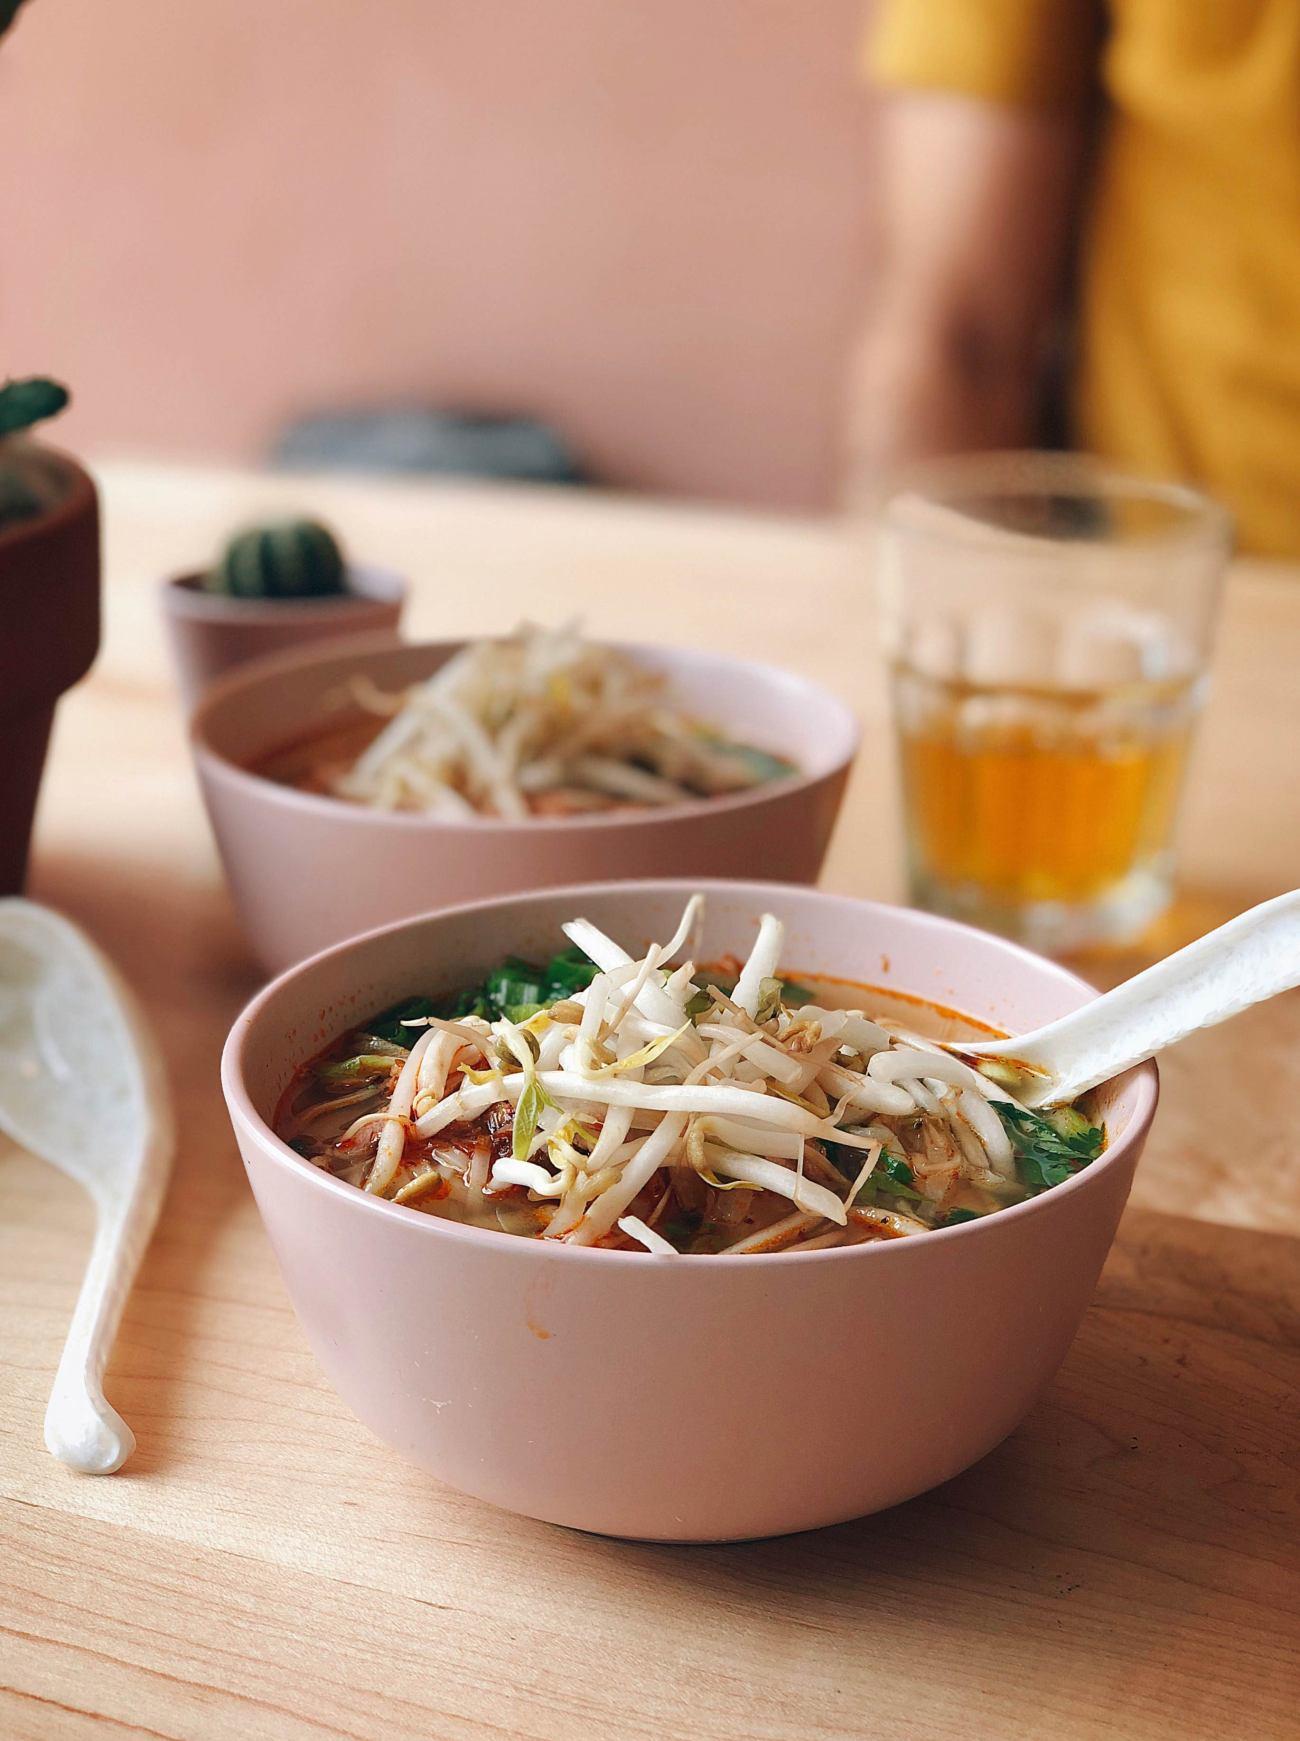 Soupe tonkinoise déposée sur une table avec d'autres plats en arrière plan